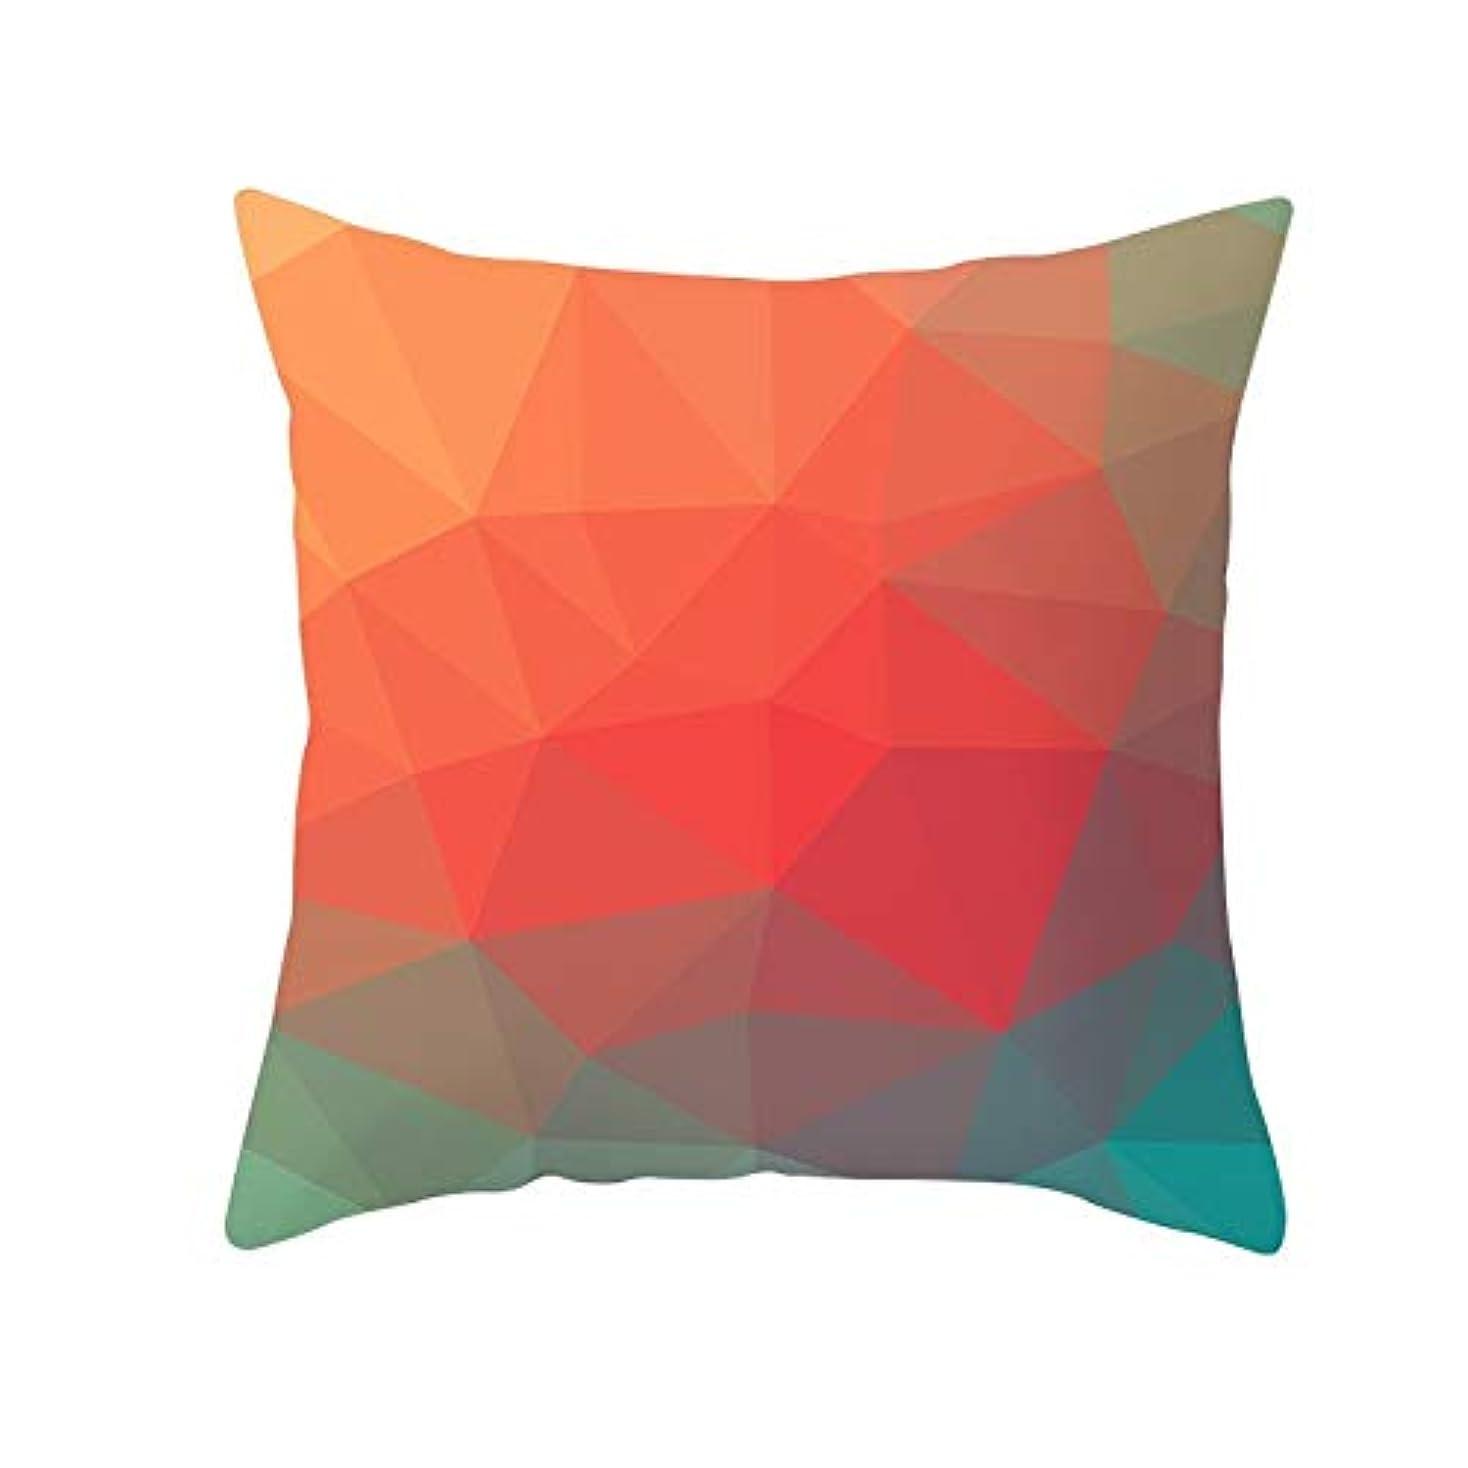 アルネ変化する操作LIFE 装飾クッションソファ 幾何学プリントポリエステル正方形の枕ソファスロークッション家の装飾 coussin デ長椅子 クッション 椅子